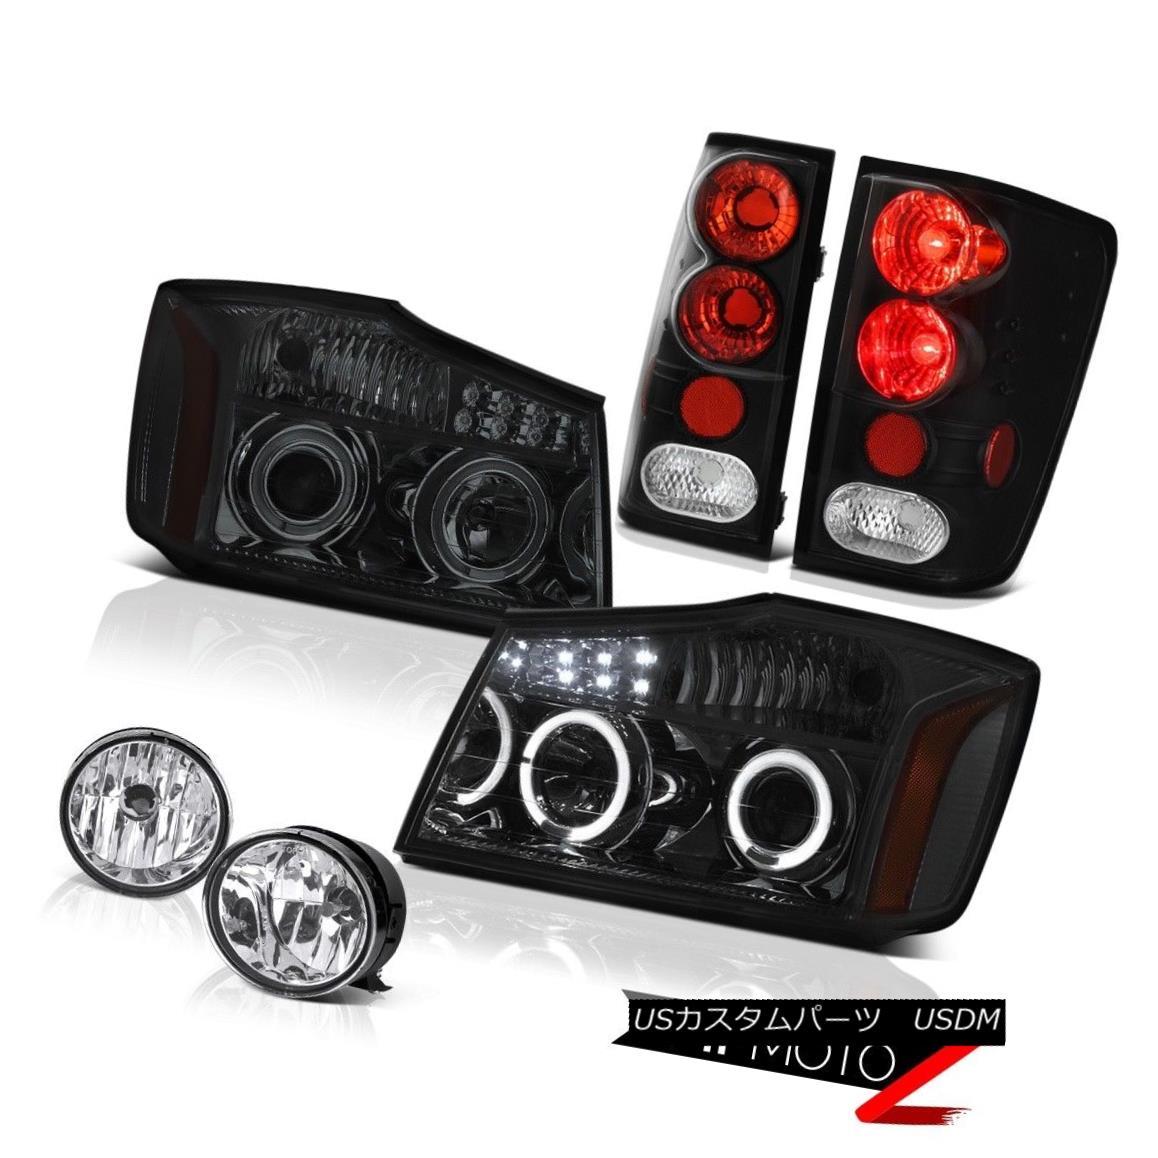 ヘッドライト For 2004-2015 For 2004-2015 Titan Pro-4X Headlight Smoke Black Taillamp Fog 2004年から2015年の間、2004?2015年のタイタンPro-4Xヘッドライトスモークブラックテイラーランプフォグ